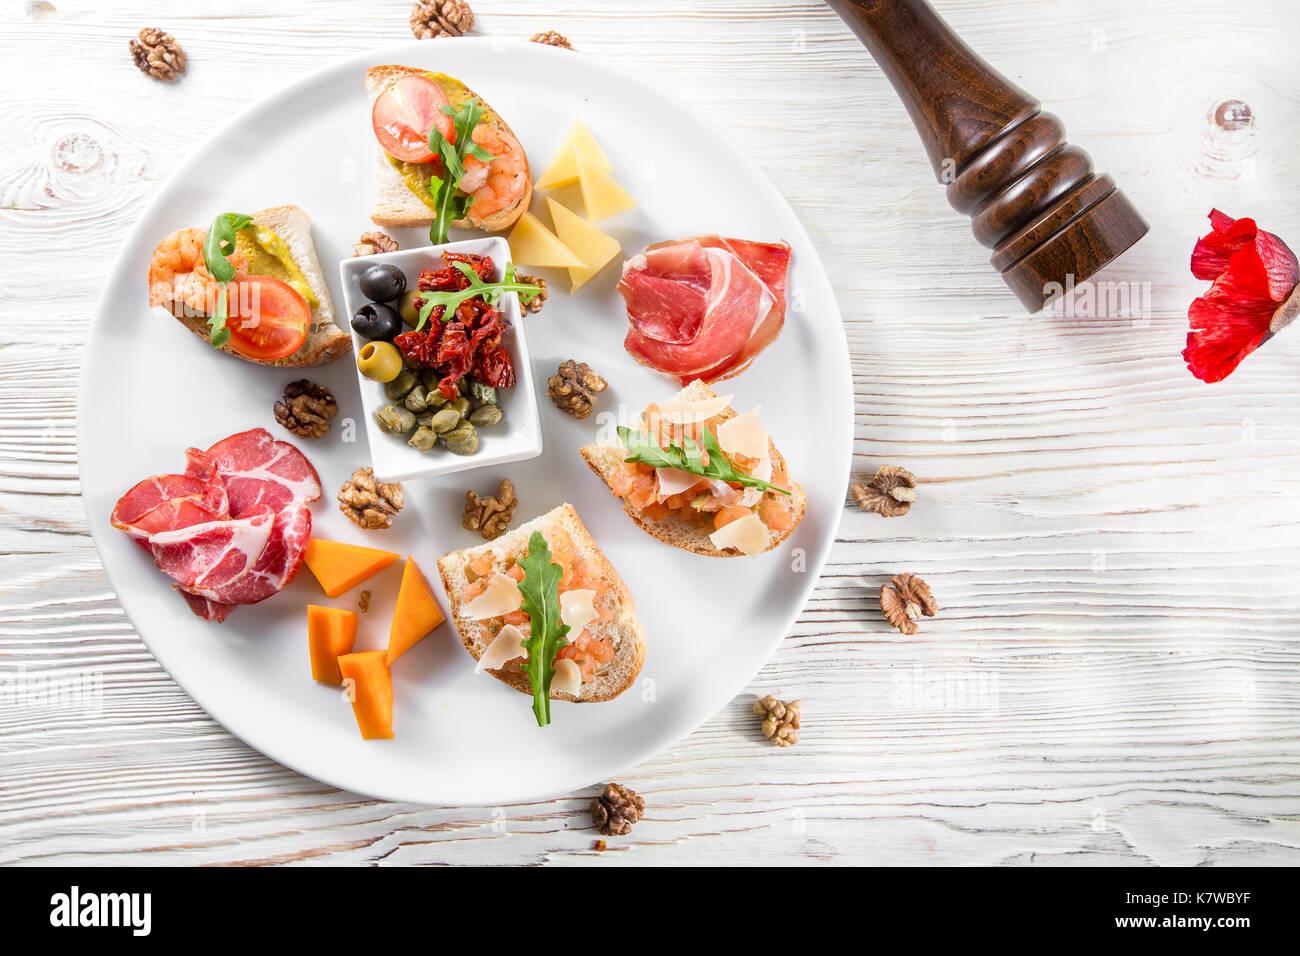 Auswahl an leckeren Bruschetta oder Häppchen auf taosted Baguette und Quark Käse garniert mit geräuchertem Lachs, Garnelen. Stockbild